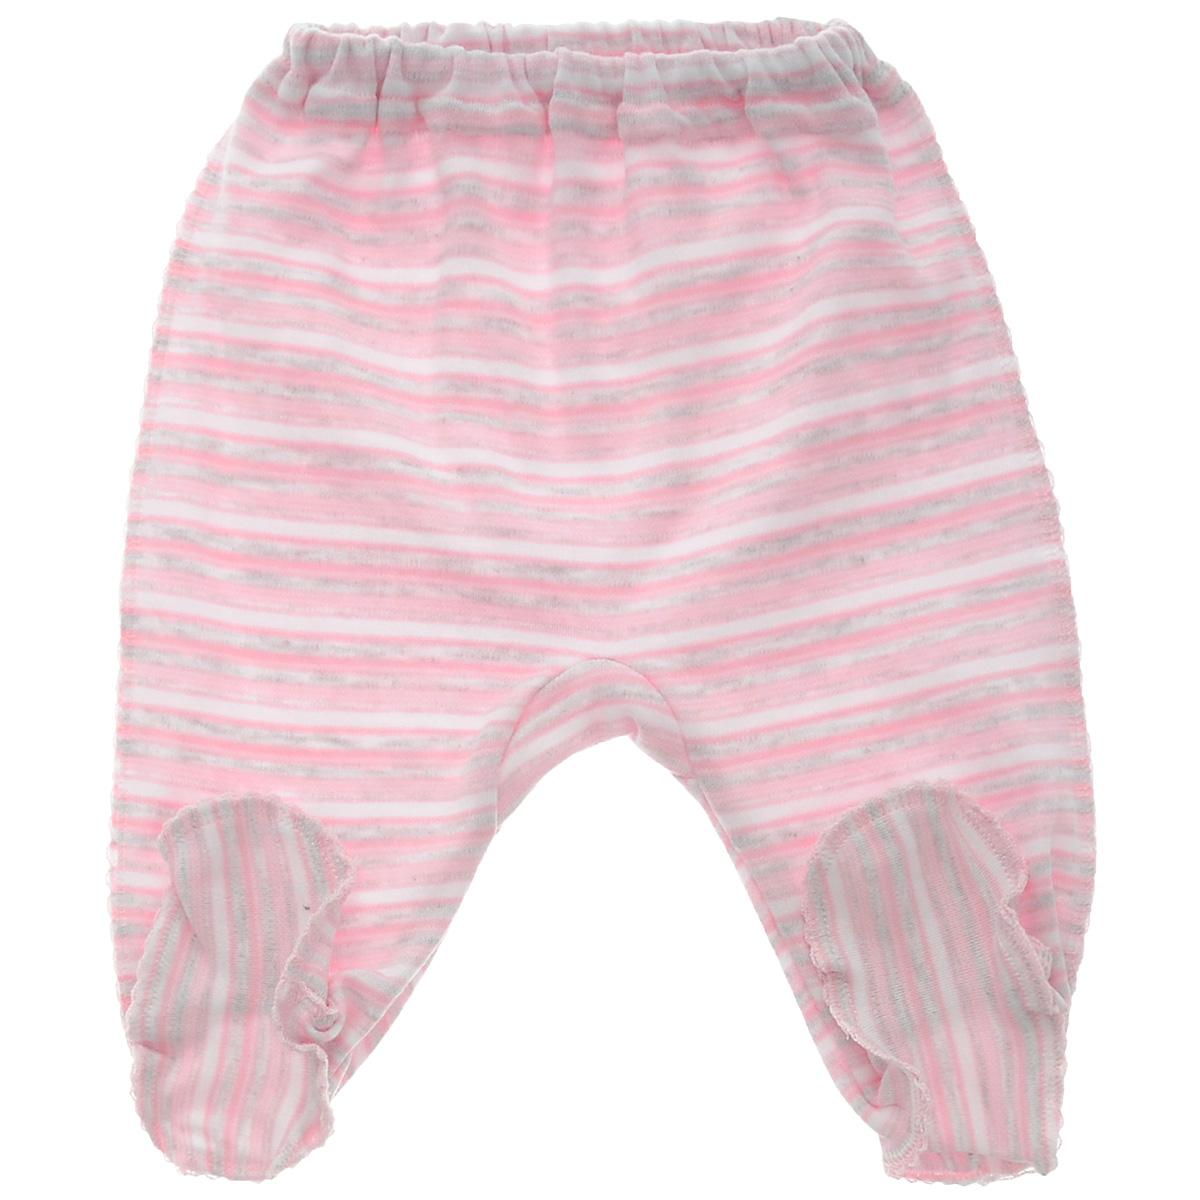 Ползунки Фреш стайл, цвет: розовый, белый. 39-506. Размер 20, 62 см, до 3 месяцев39-506Ползунки с закрытыми ножками Фреш Стайл послужат идеальным дополнением к гардеробу вашего ребенка. Ползунки с закрытыми ножками, изготовленные из натурального хлопка, необычайно мягкие и легкие, не раздражают нежную кожу ребенка и хорошо вентилируются, а эластичные швы приятны телу малыша и не препятствуют его движениям.Ползунки на резинке - очень удобный и практичный вид одежды для малышей. Отлично сочетаются с футболками, кофточками и боди.